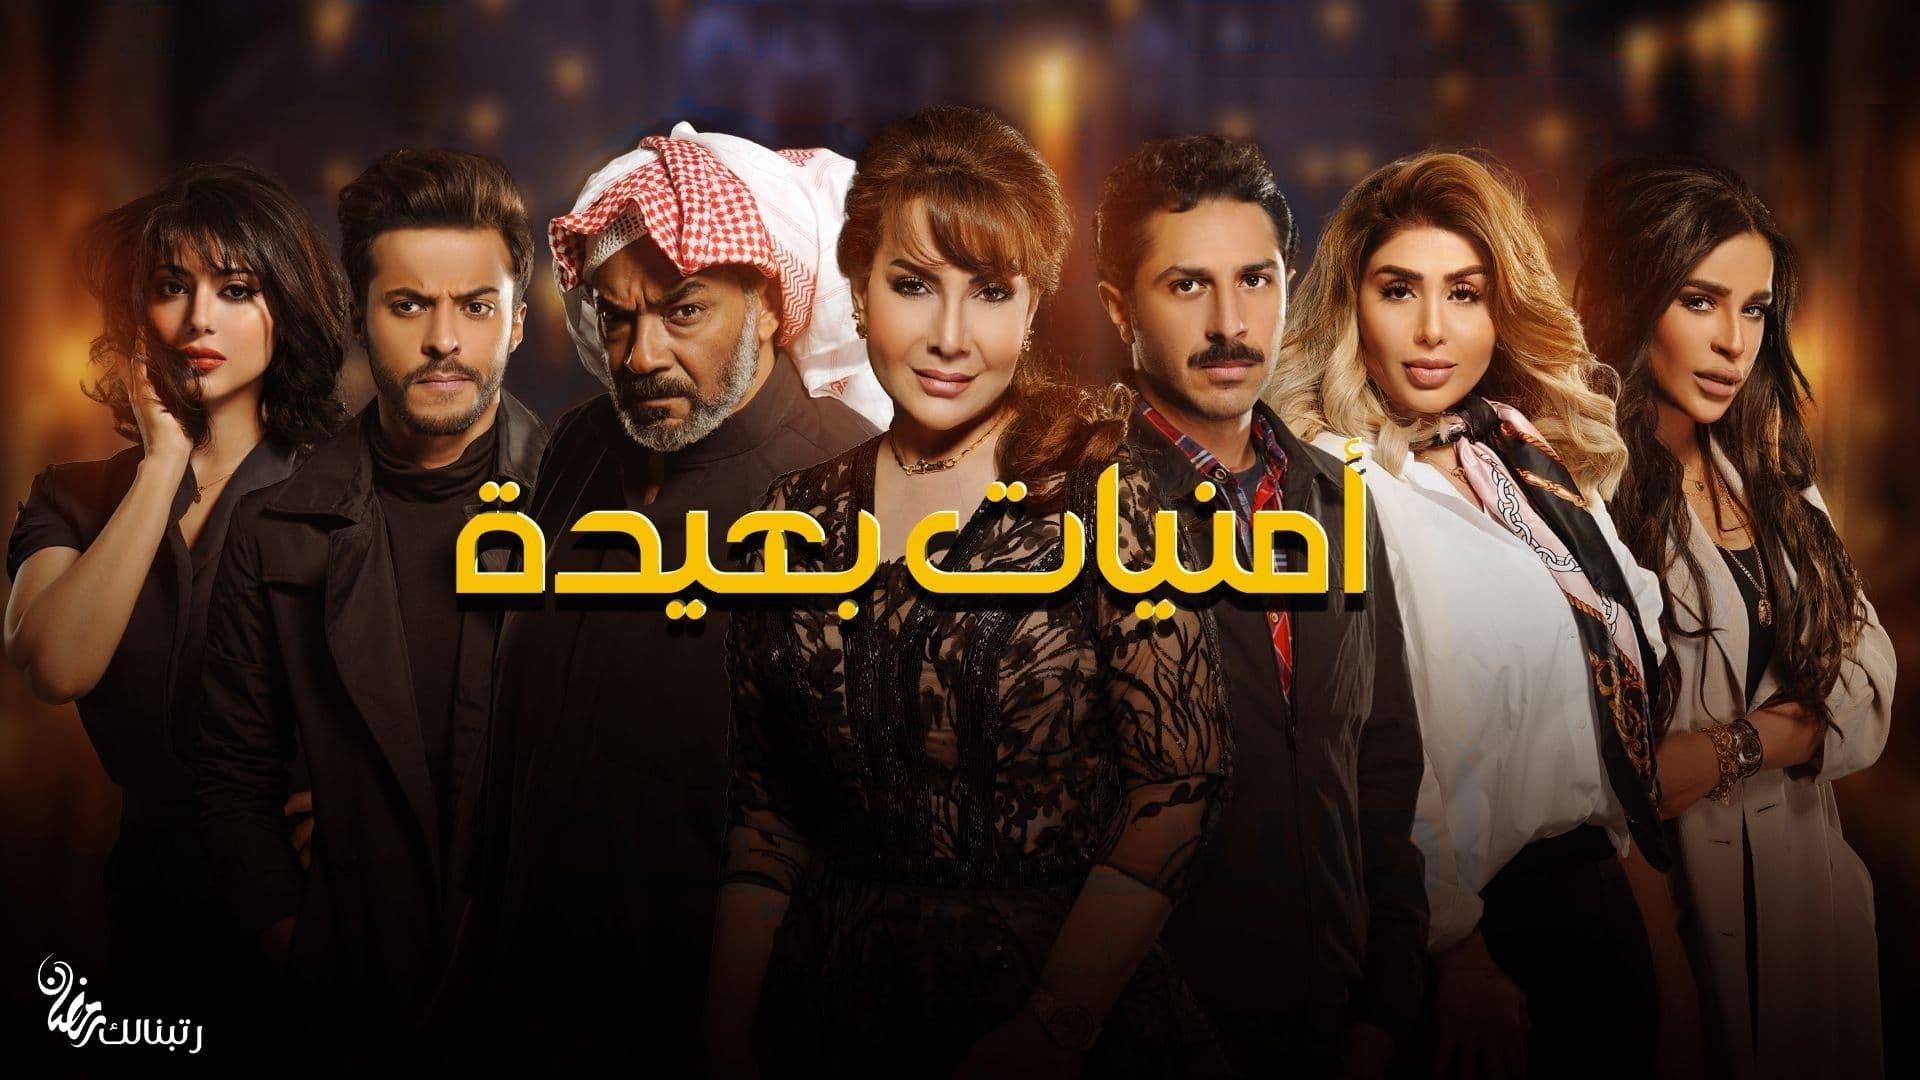 مواعيد المسلسلات الخليجية لرمضان 2019 استمتعي بمشاهدتها